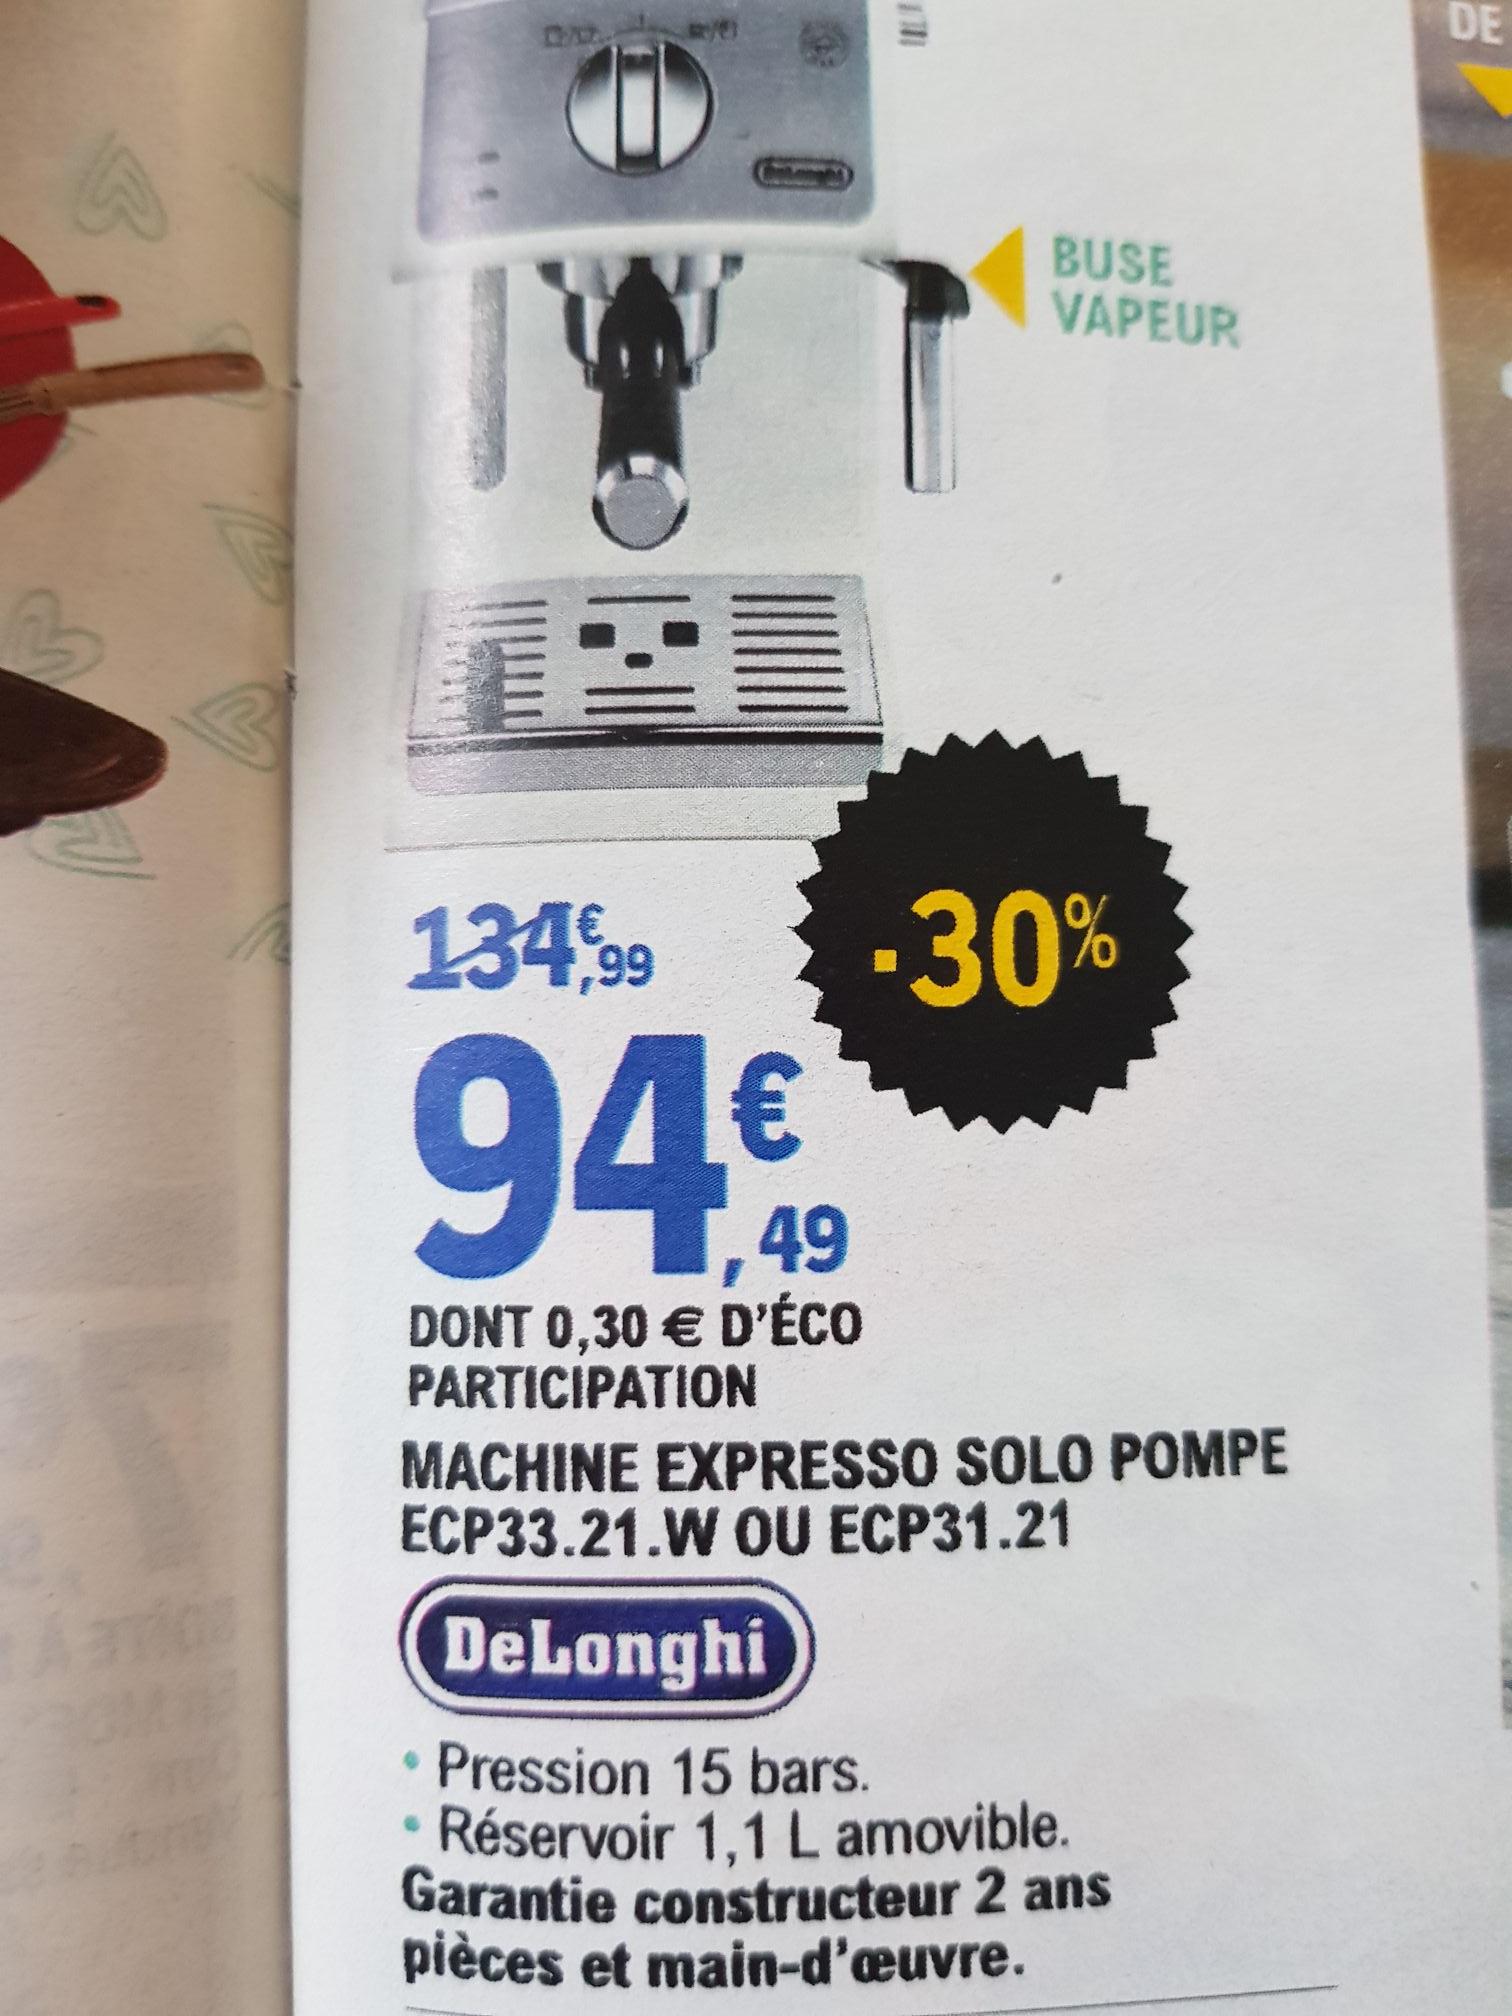 Machine à café Espresso manuelle Delonghi Expresso Solo Pompe ecp33.21 ou ecp31.21 Leclerc